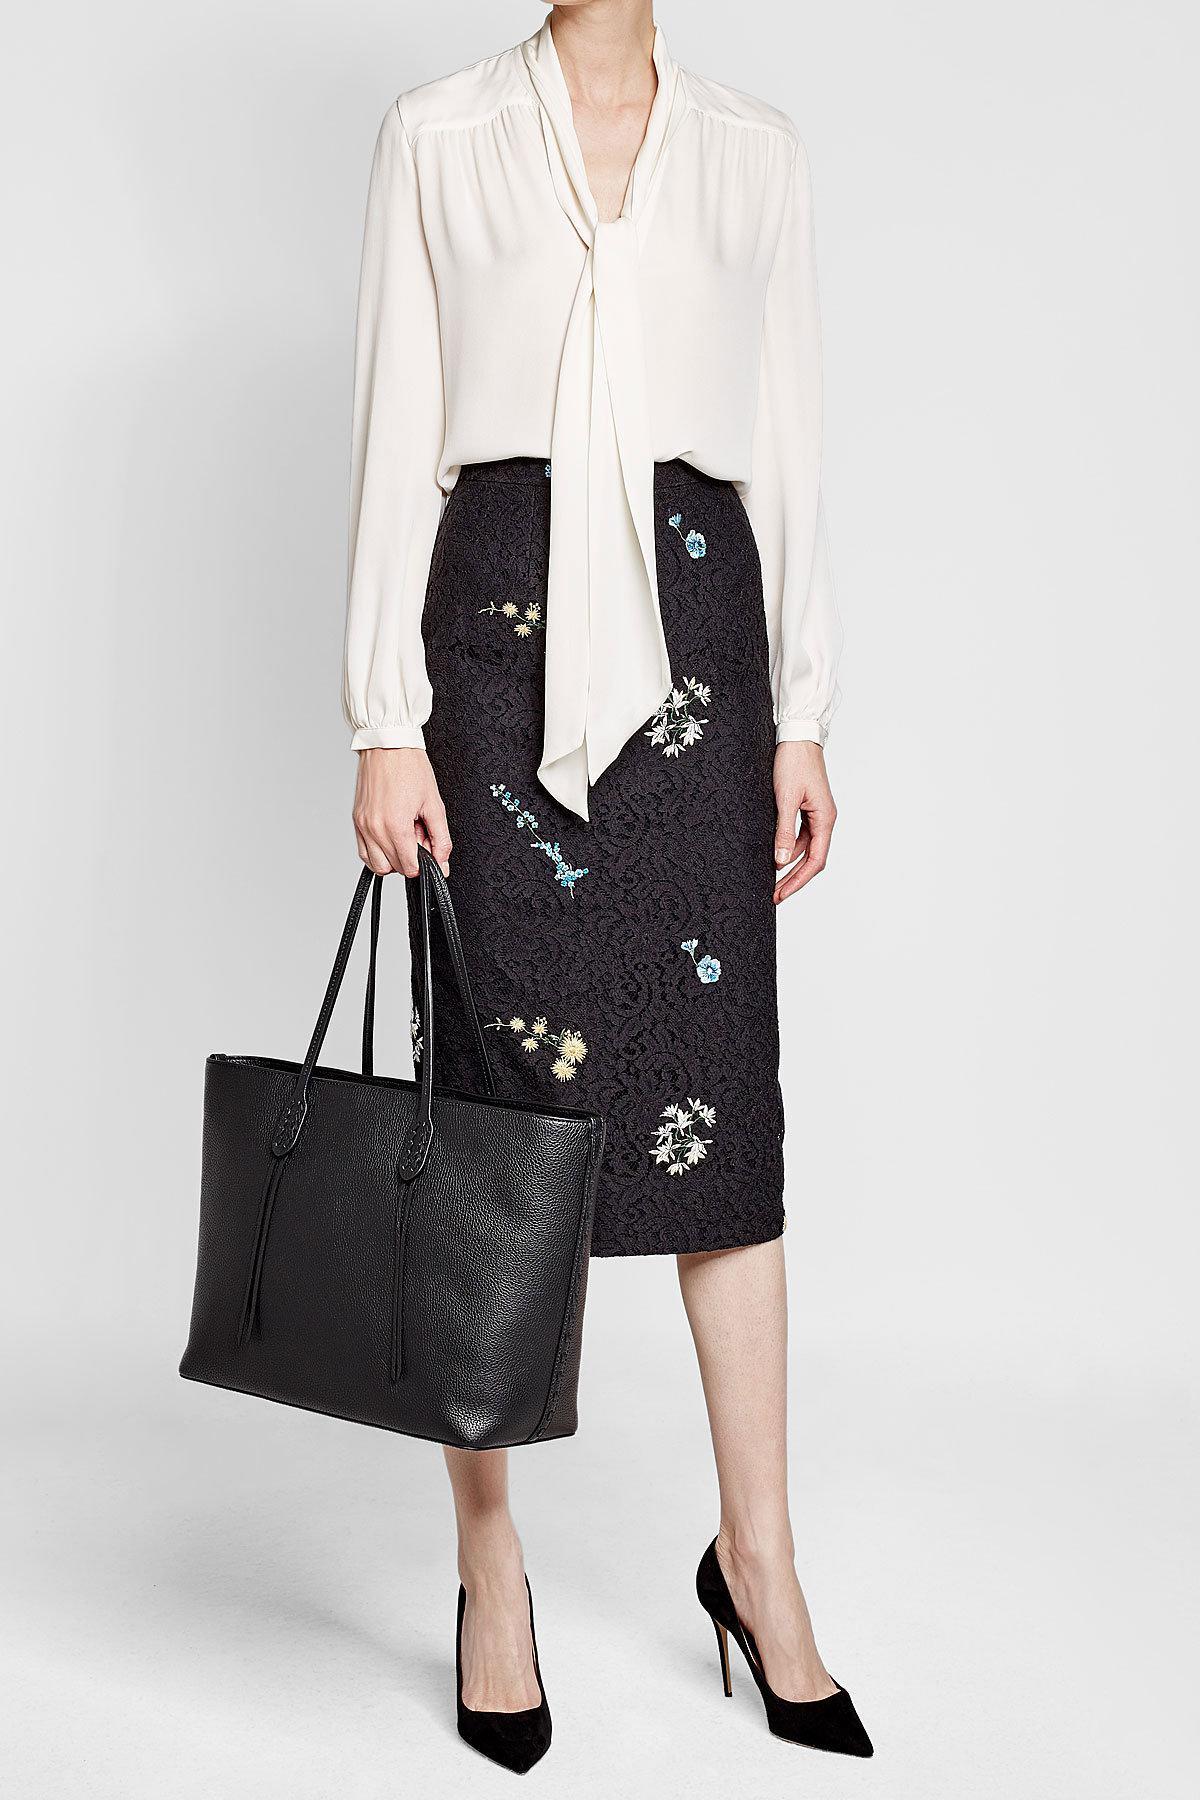 c3a699508230ea Lyst - Sac Cabas En Cuir Polo Ralph Lauren en coloris Noir